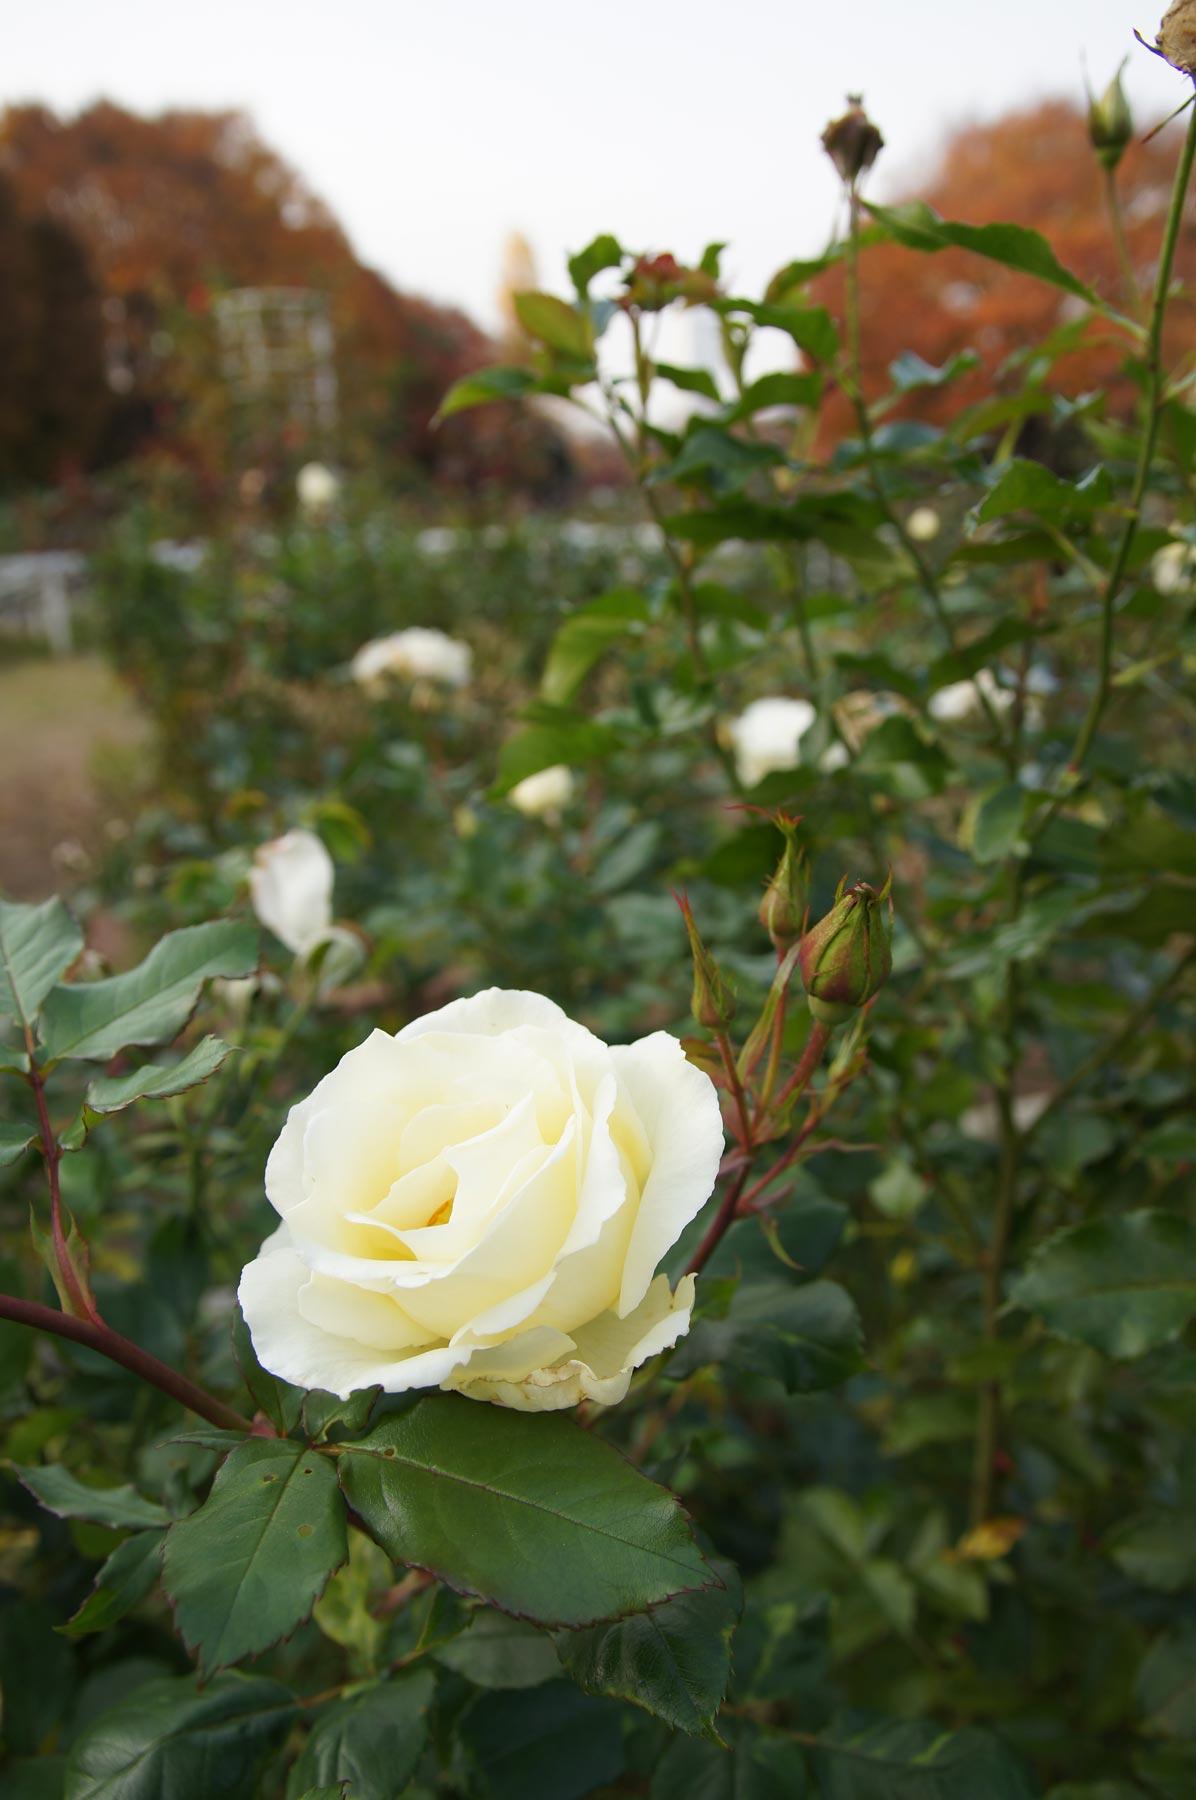 rose 1_e0216133_22433955.jpg